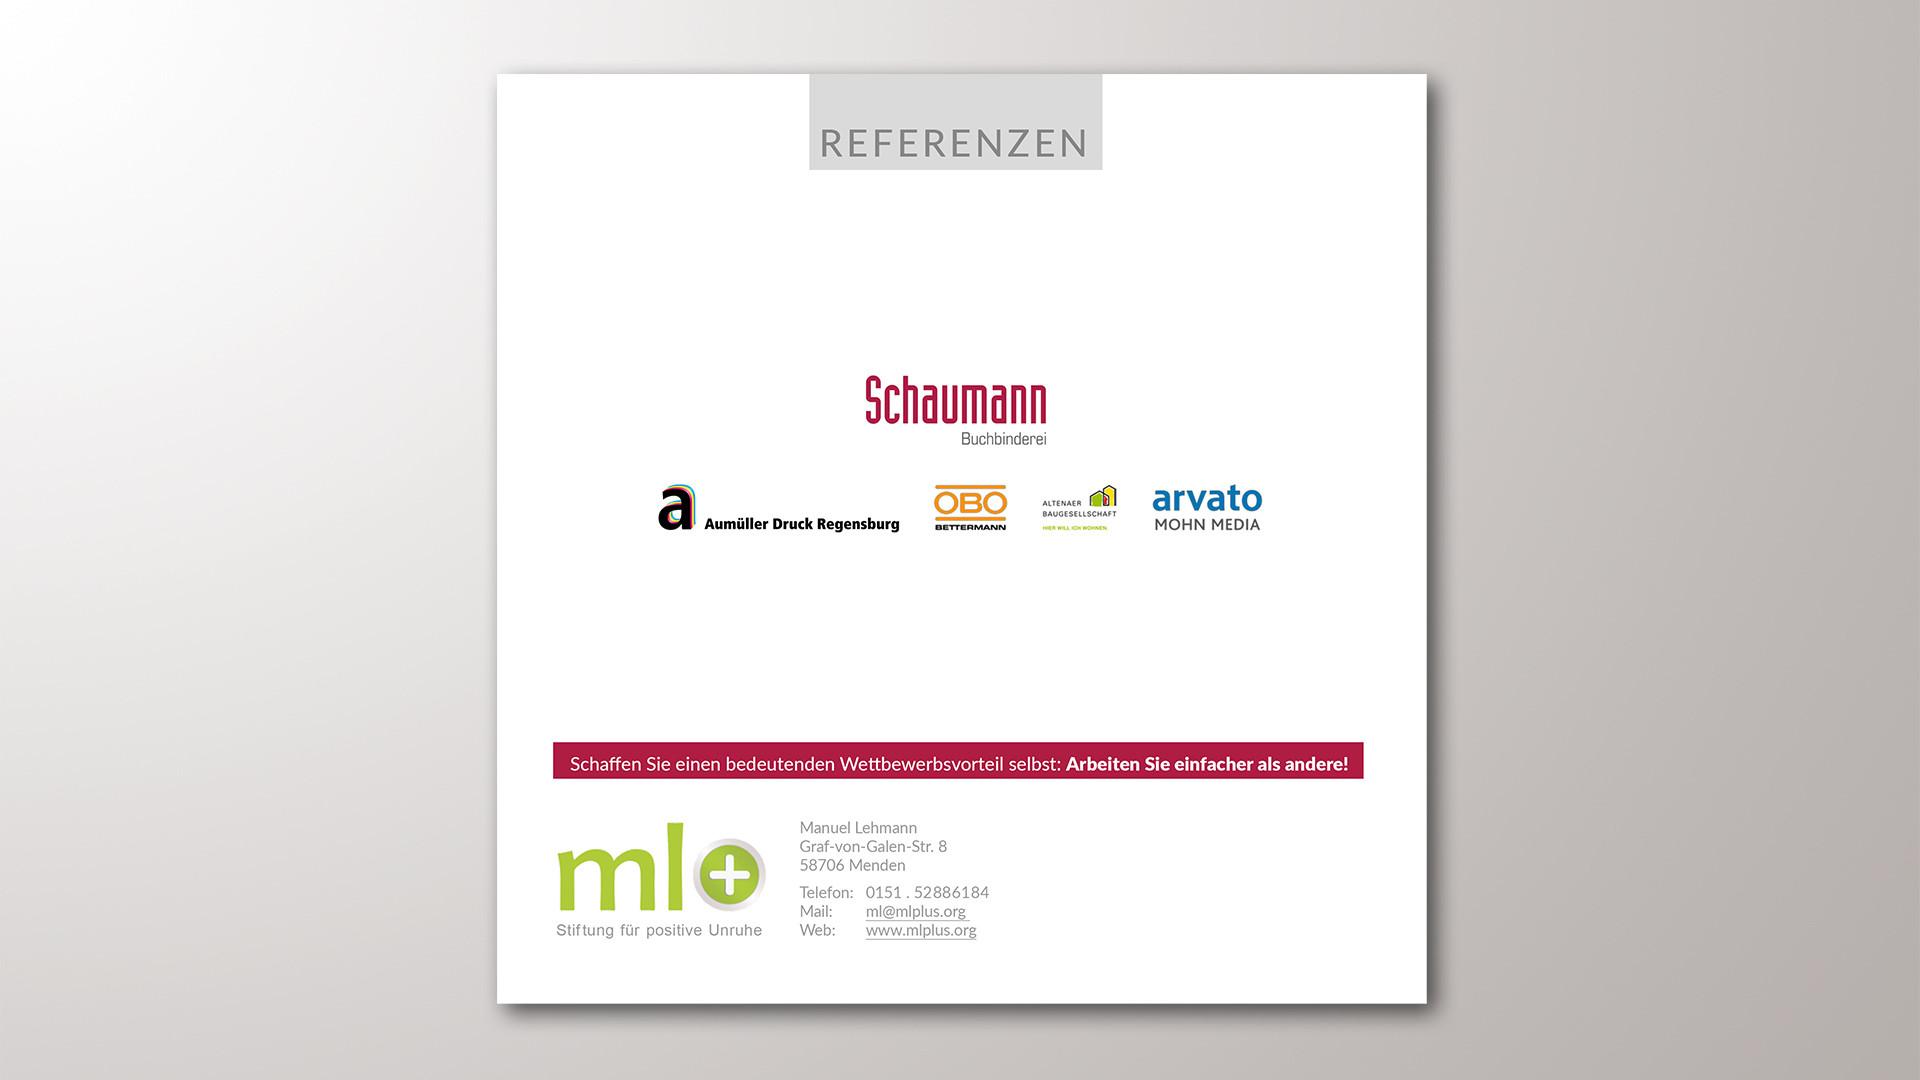 Schaumann_5S-Broschüre_04